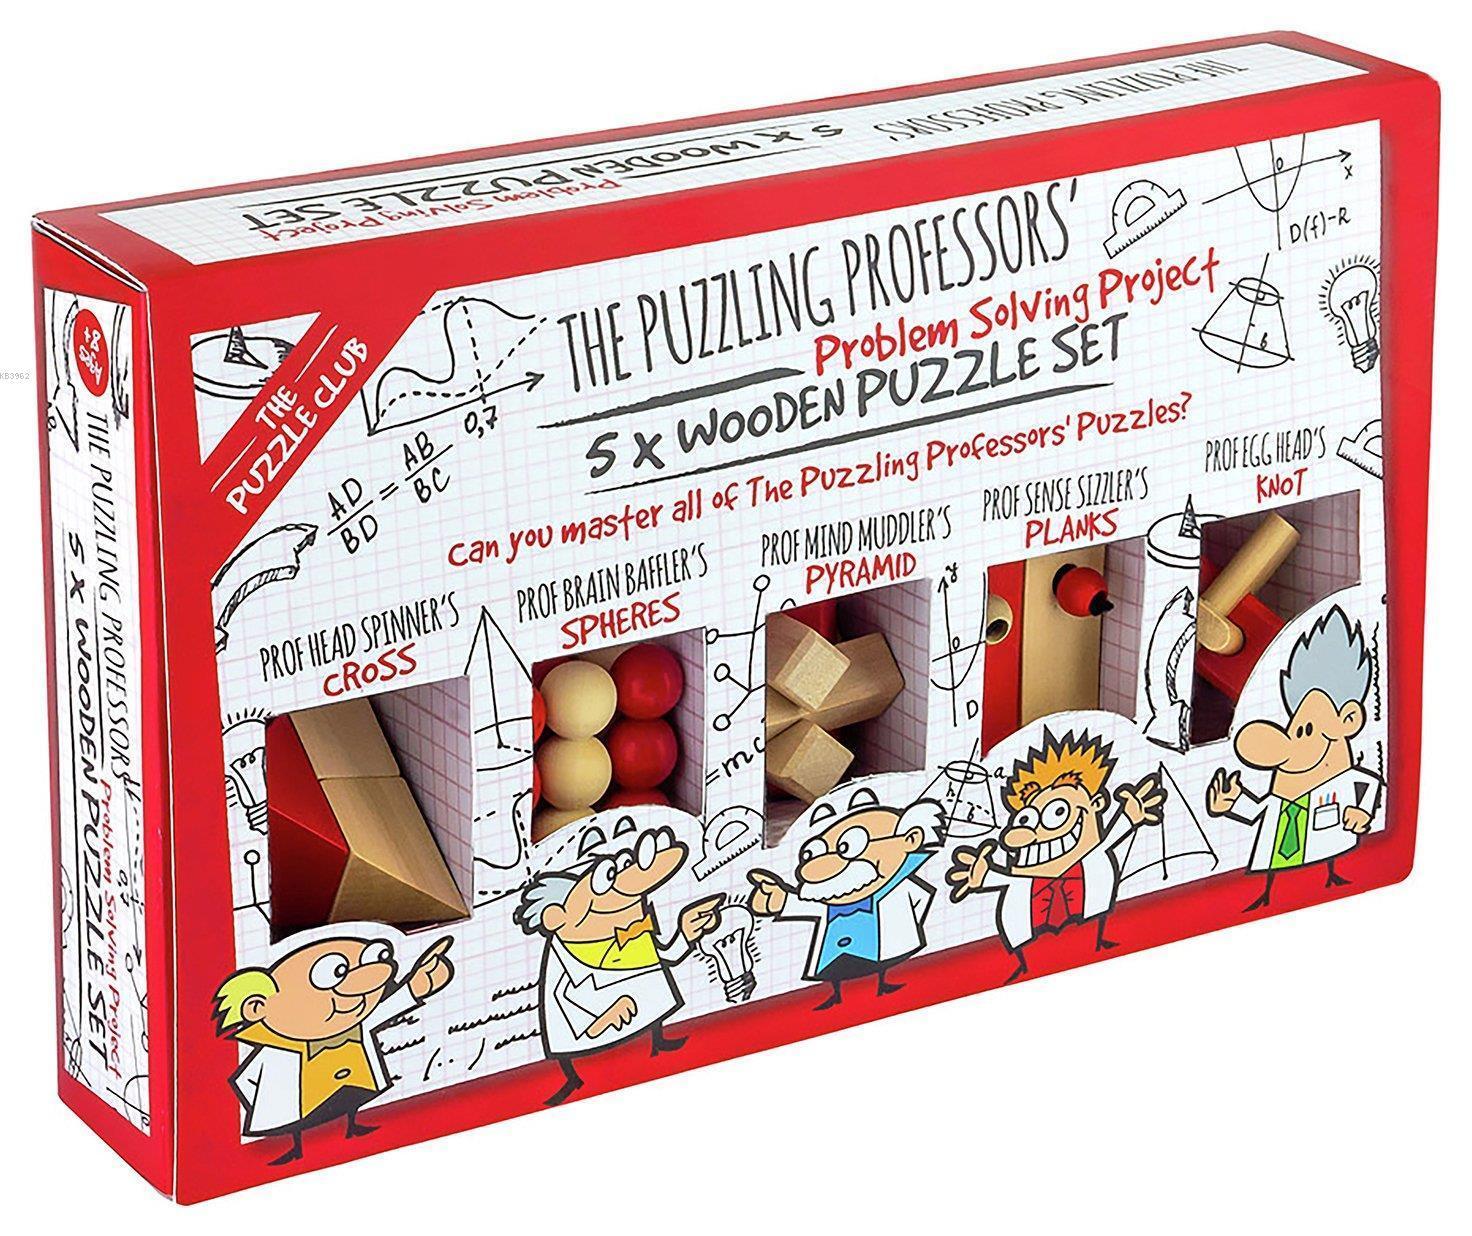 Wooden Puzzle Set